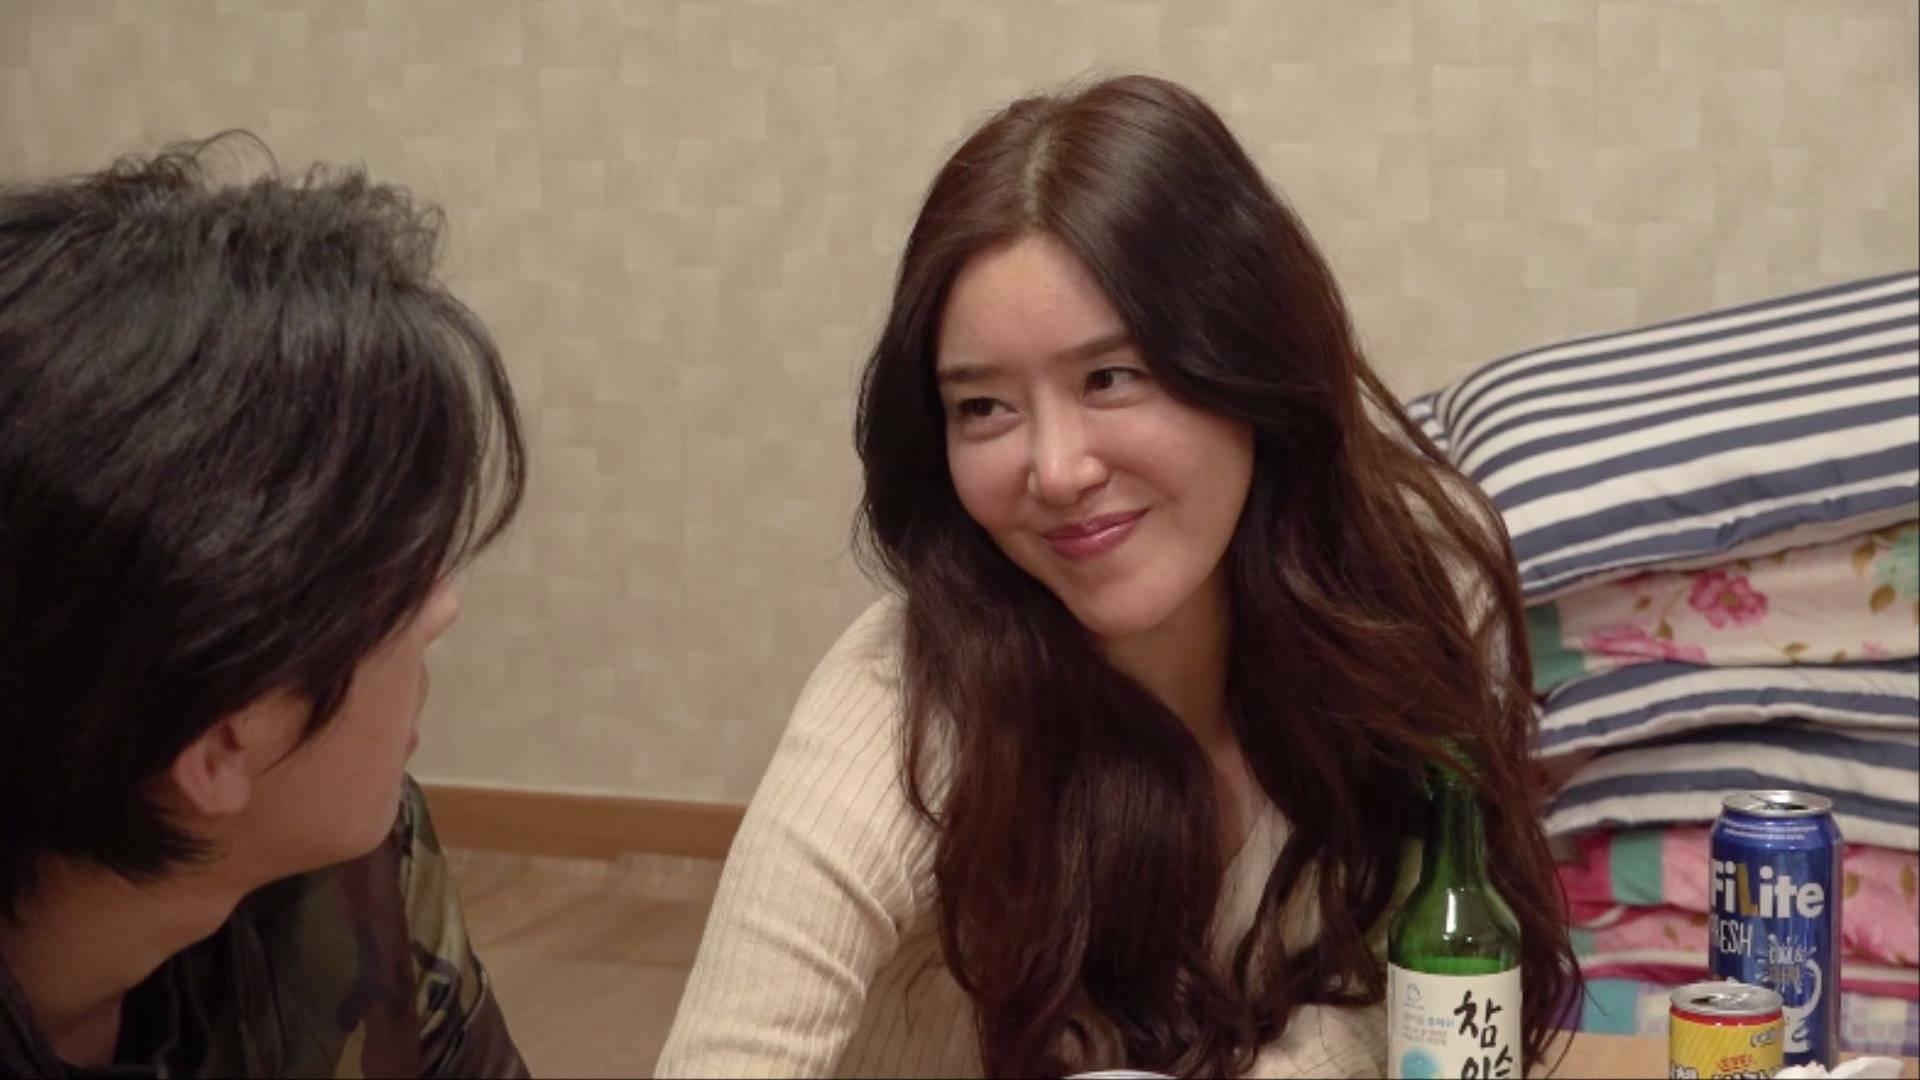 Kết quả hình ảnh cho The Purpose Of Clubs movie korea